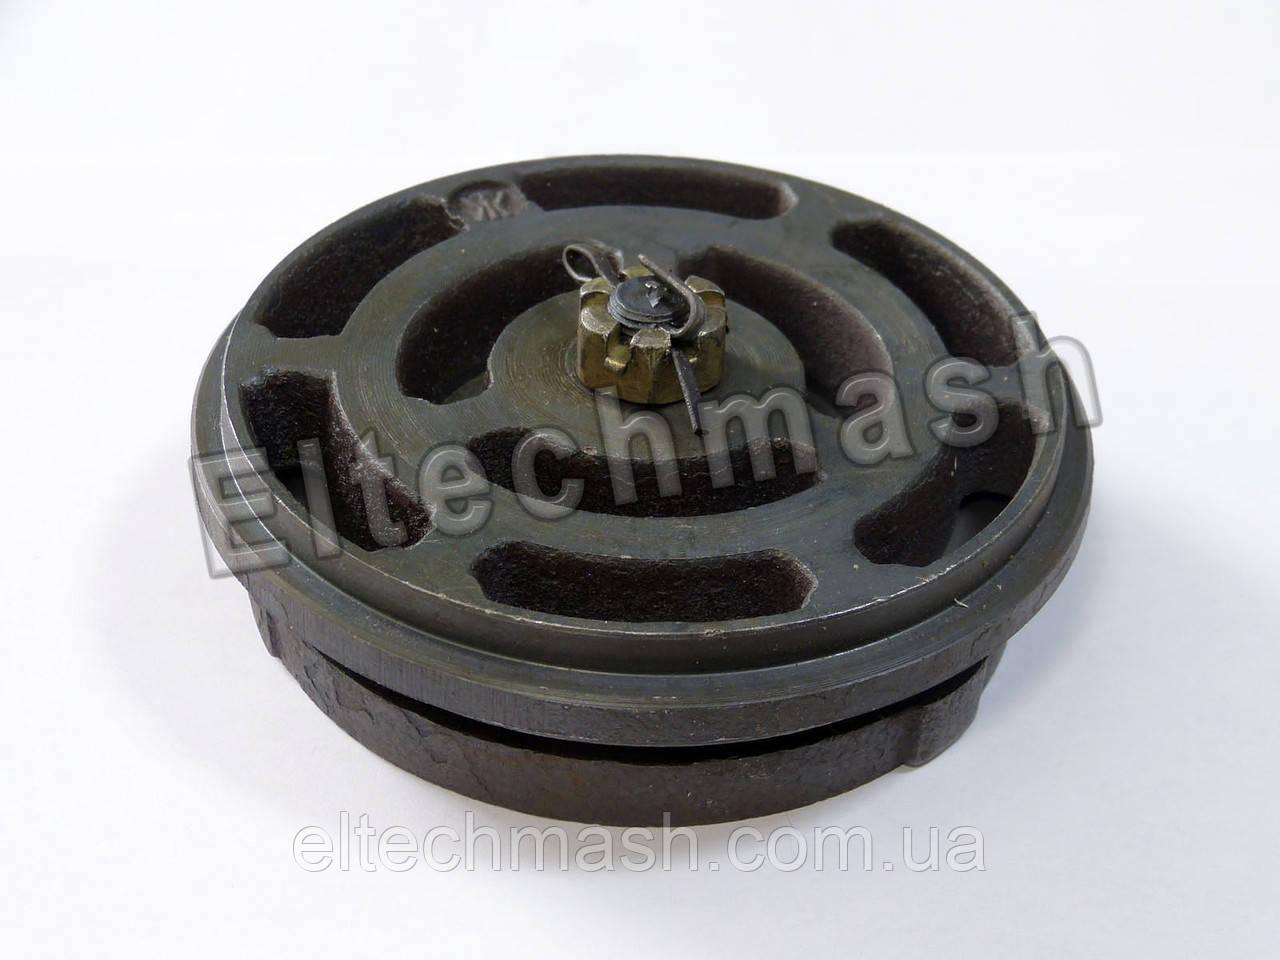 Клапан всмоктуючий КТ6.06.002 СБ (34.06.02.00-010сб, КТ6-02сб) до компресорів КТ6, КТ7